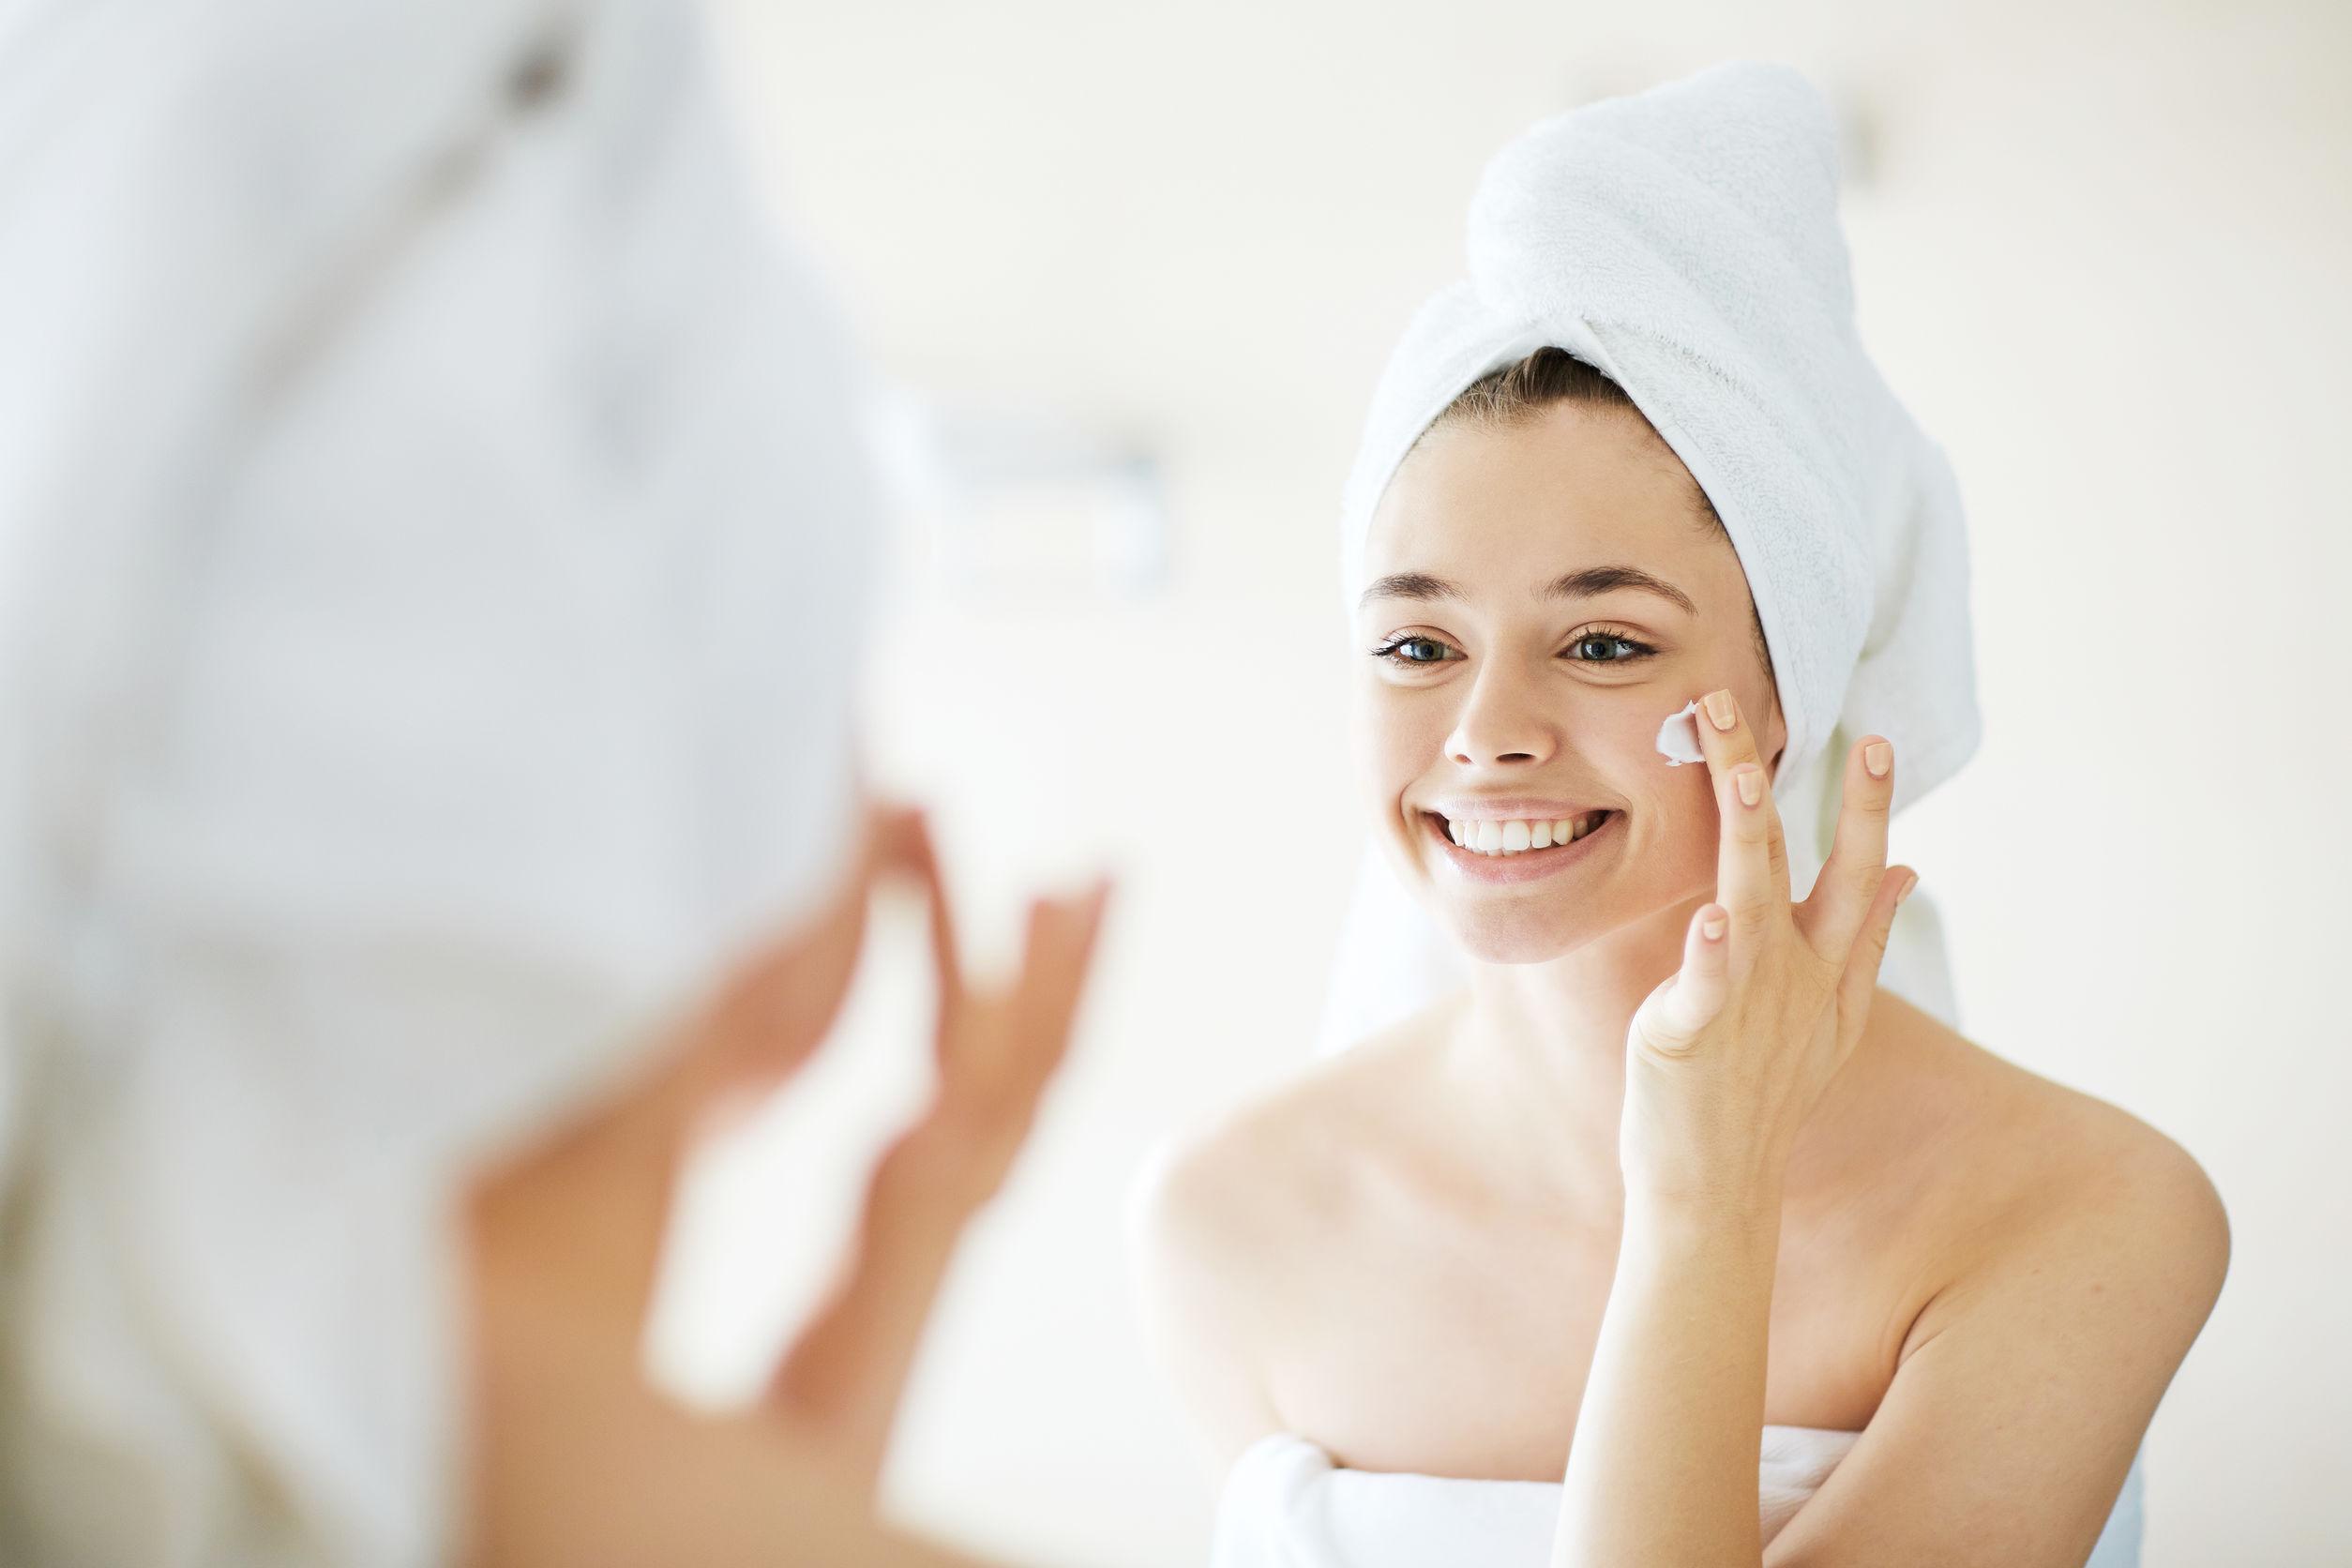 Na foto uma mulher de toalha aplicando creme no rosto.